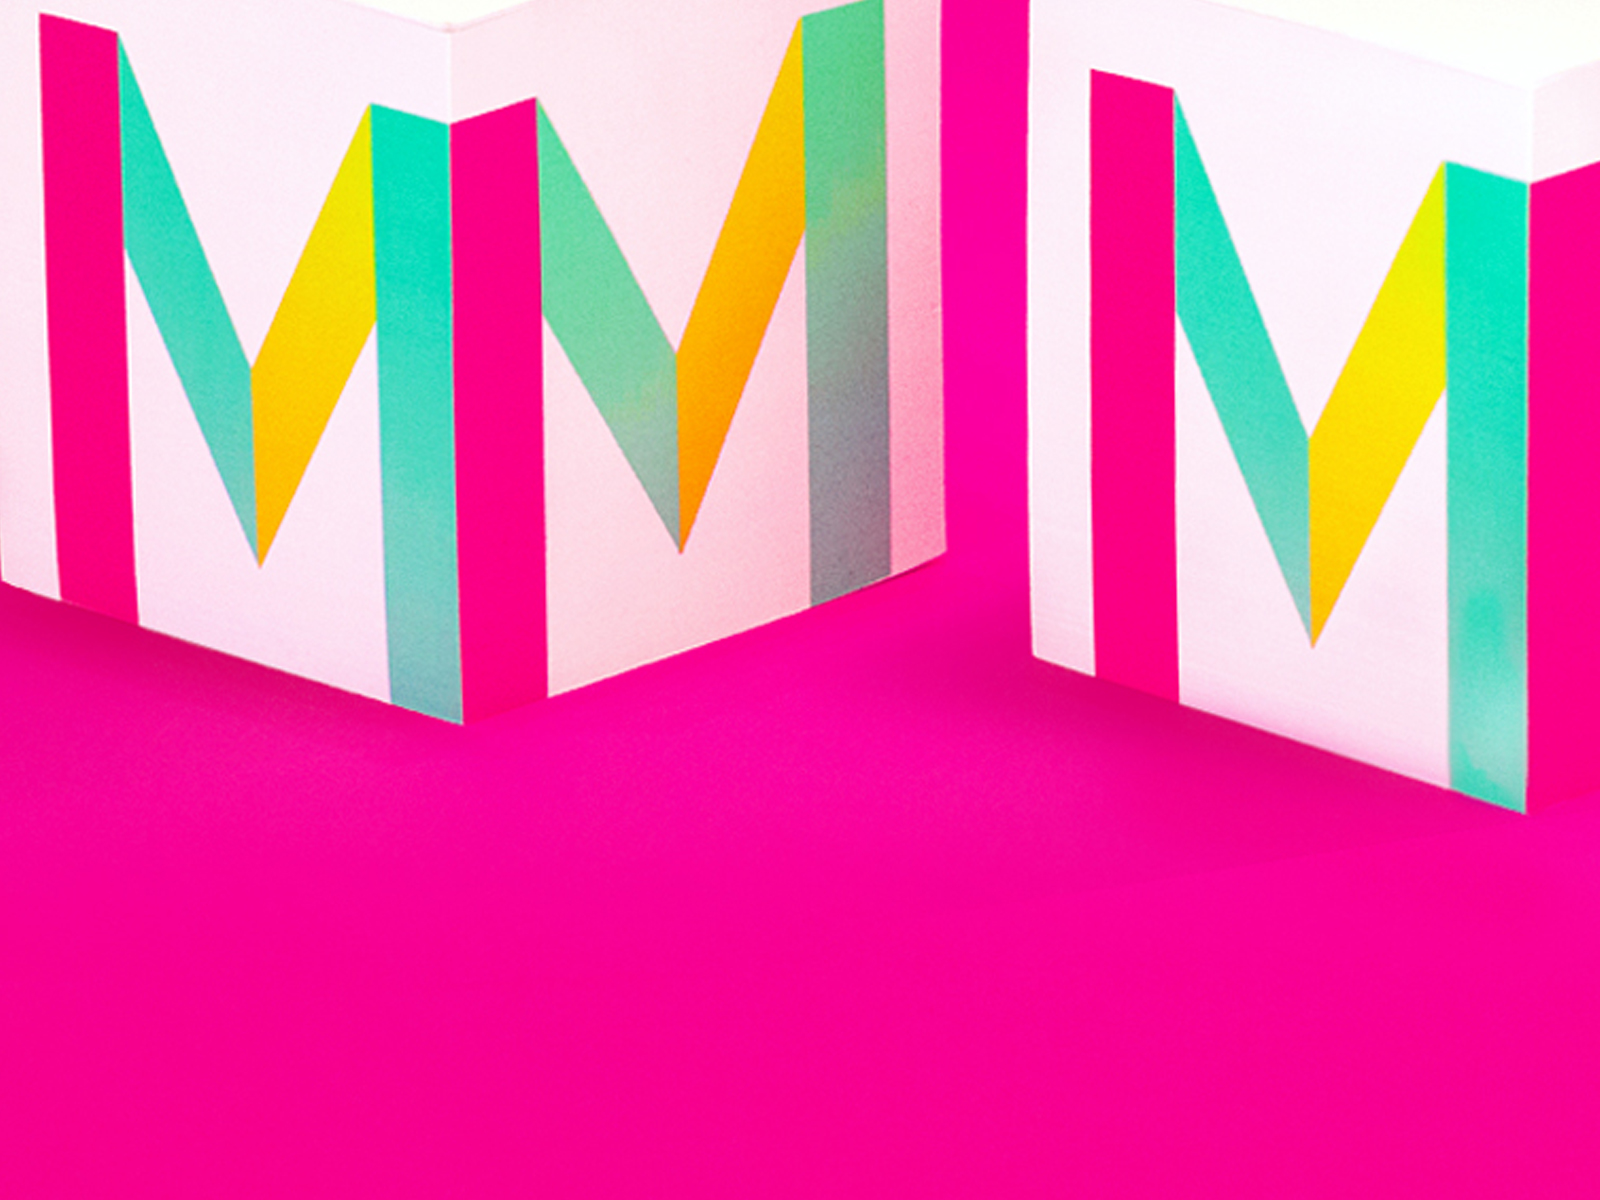 About Mimic - A Print Republic